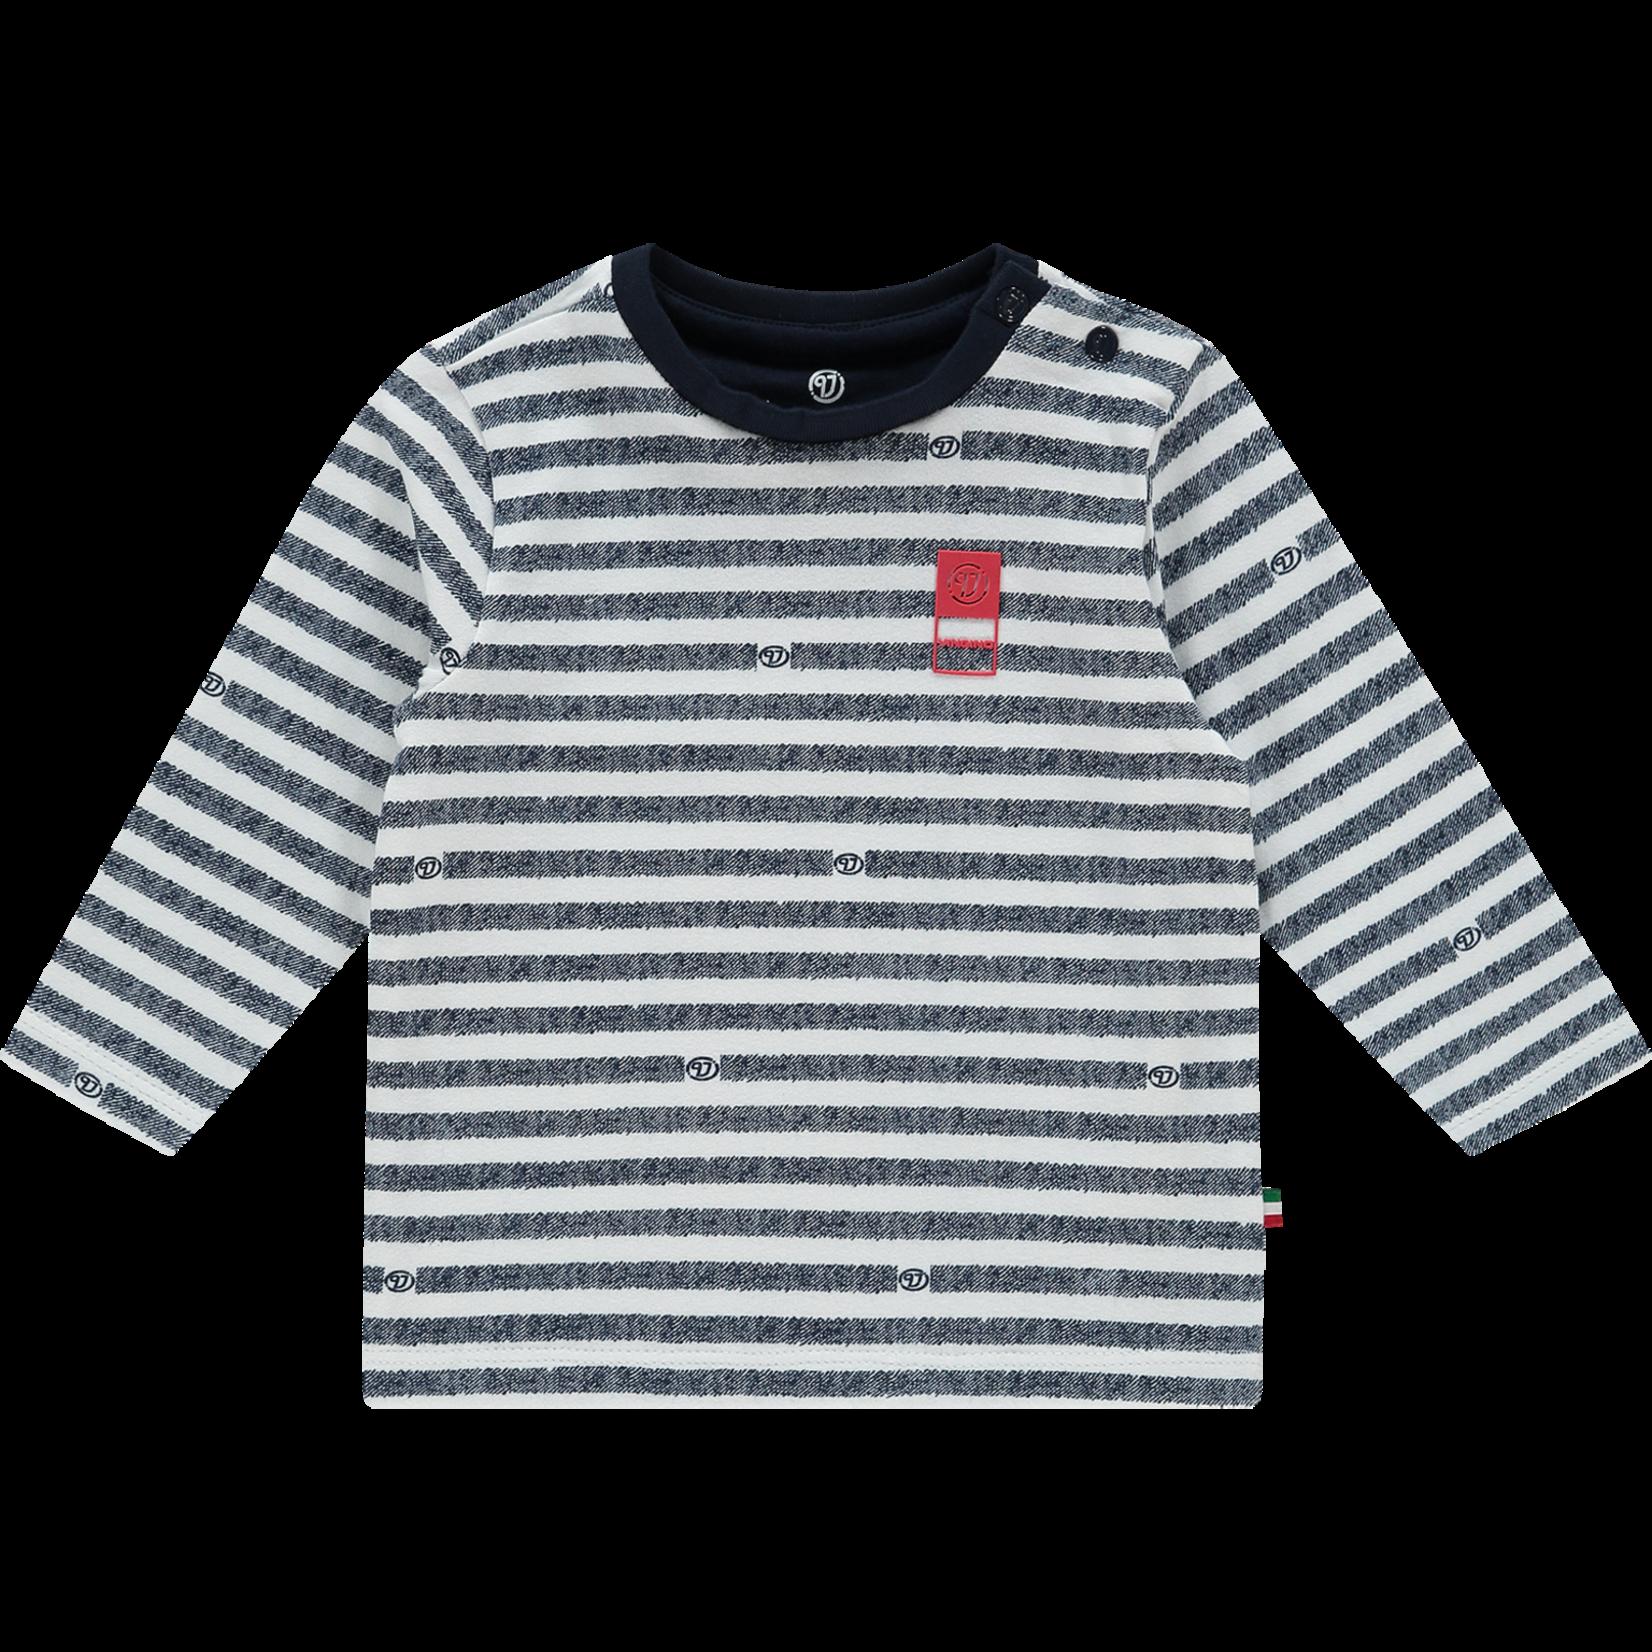 Vingino T-shirt Joas baby